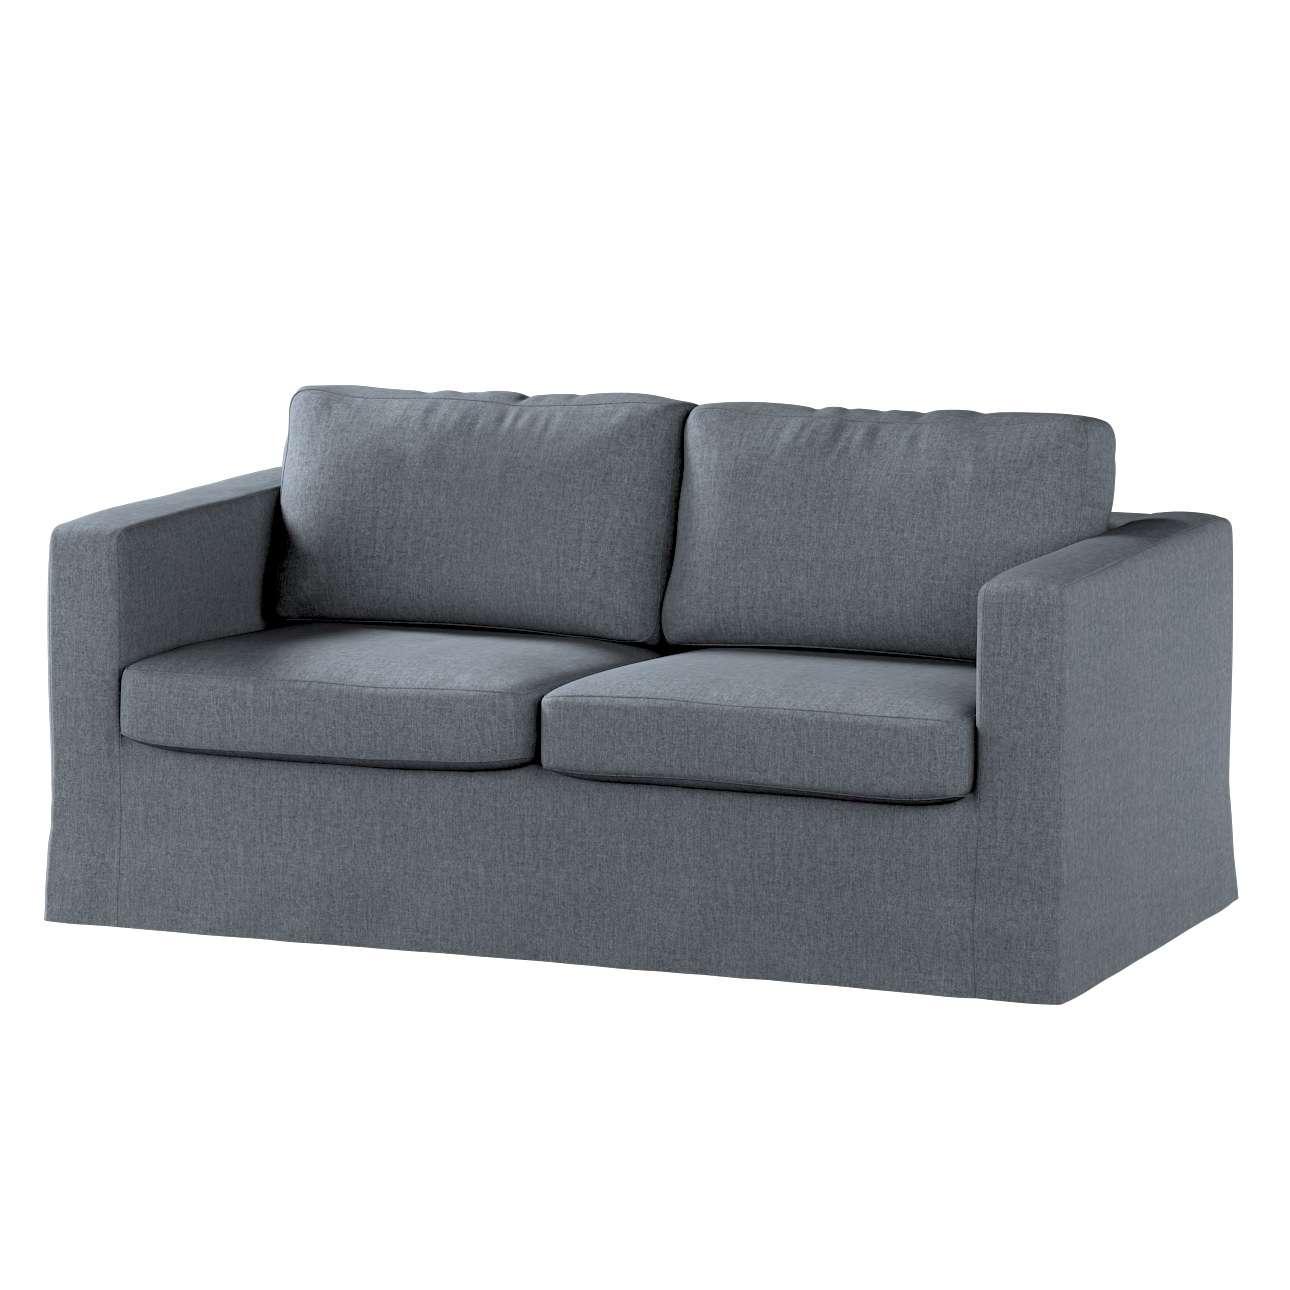 Pokrowiec na sofę Karlstad 2-osobową nierozkładaną długi w kolekcji City, tkanina: 704-86